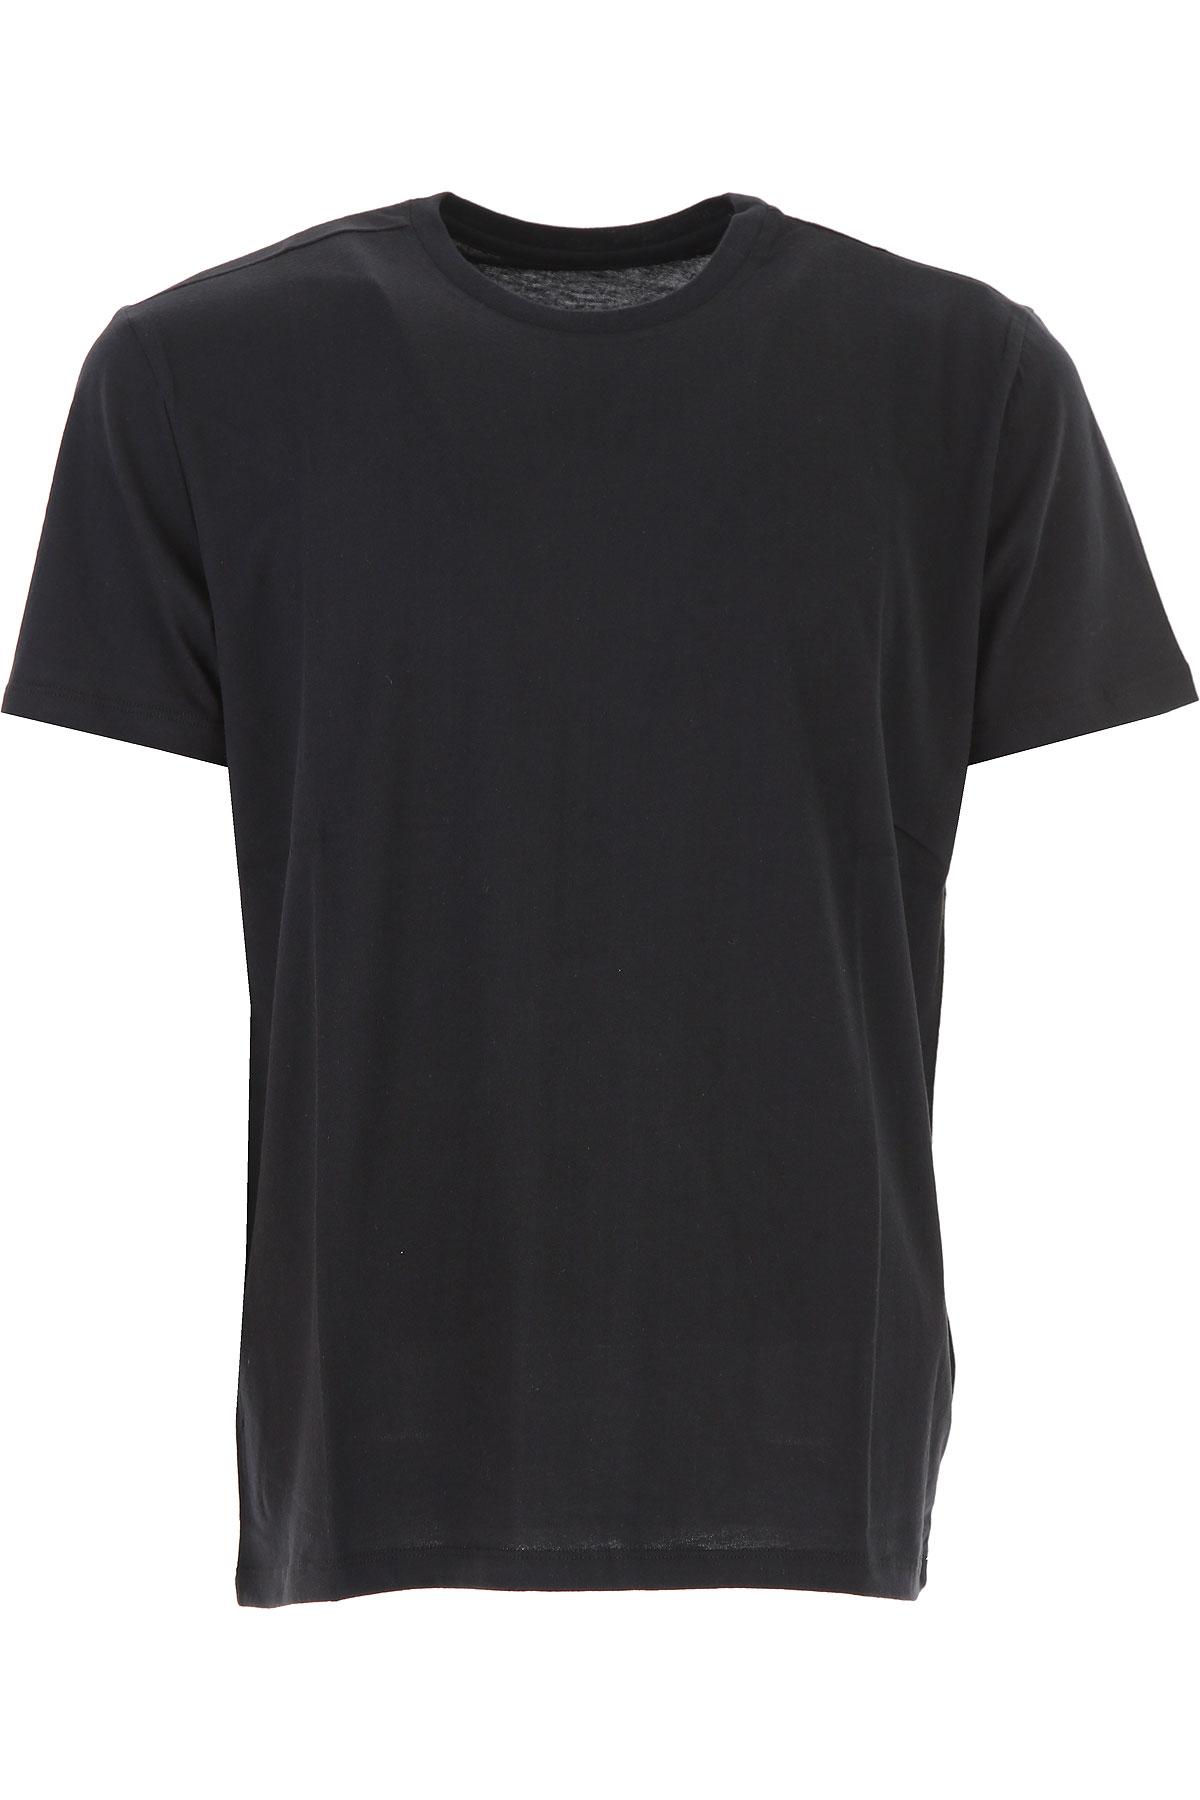 Image of Majestic Filatures T-Shirt for Men, Black, Cotton, 2017, L M